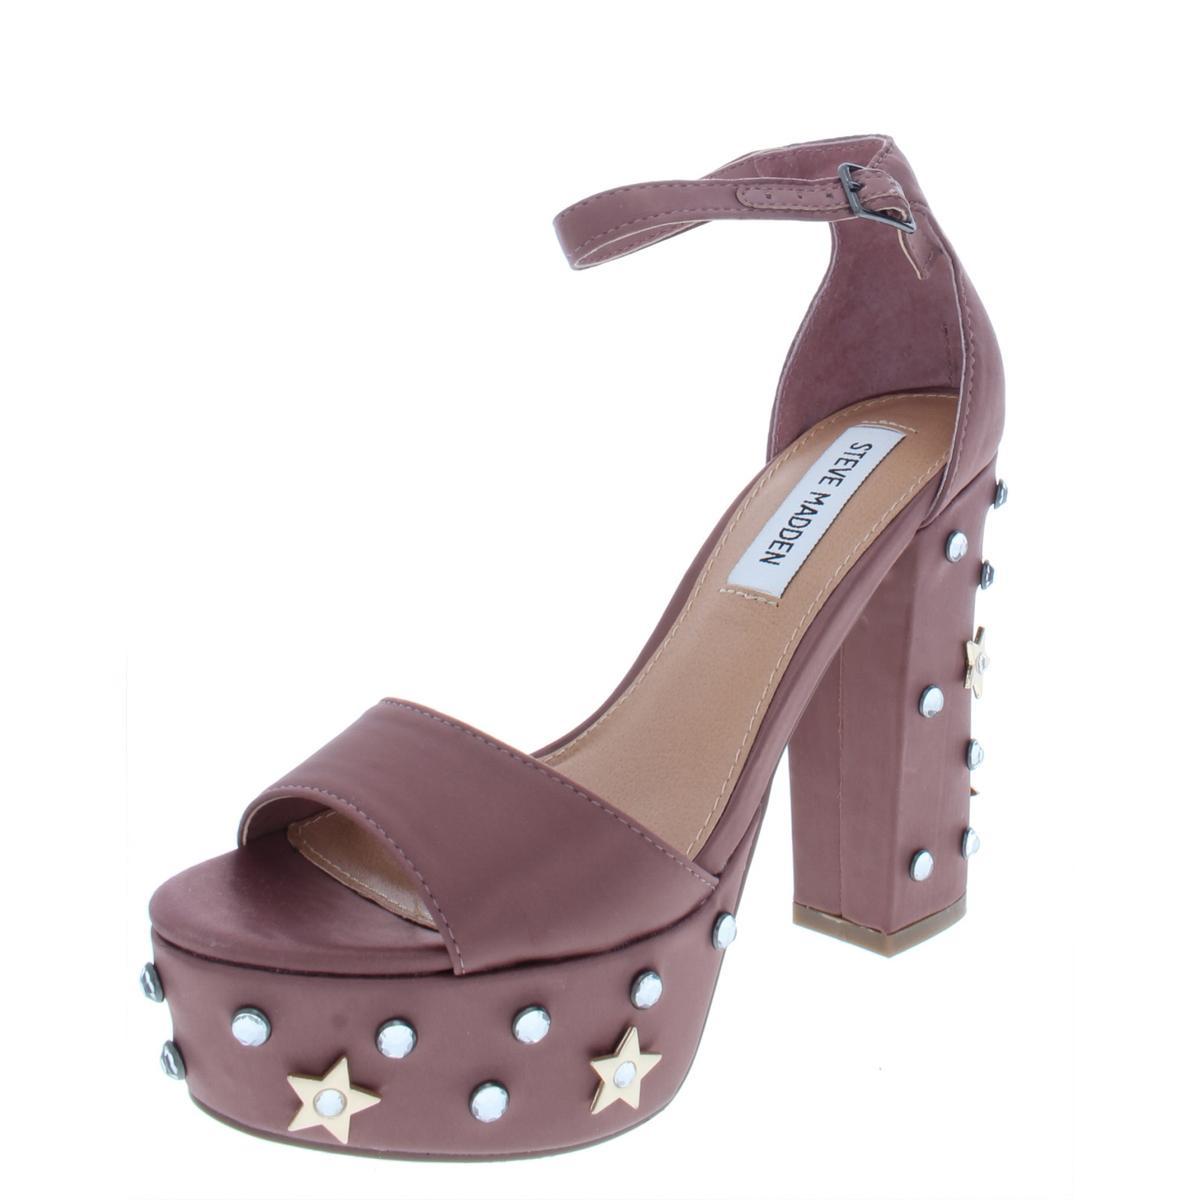 df64e984e9d Details about Steve Madden Womens Jazz Satin Studded Block Platform Heels  Shoes BHFO 3040